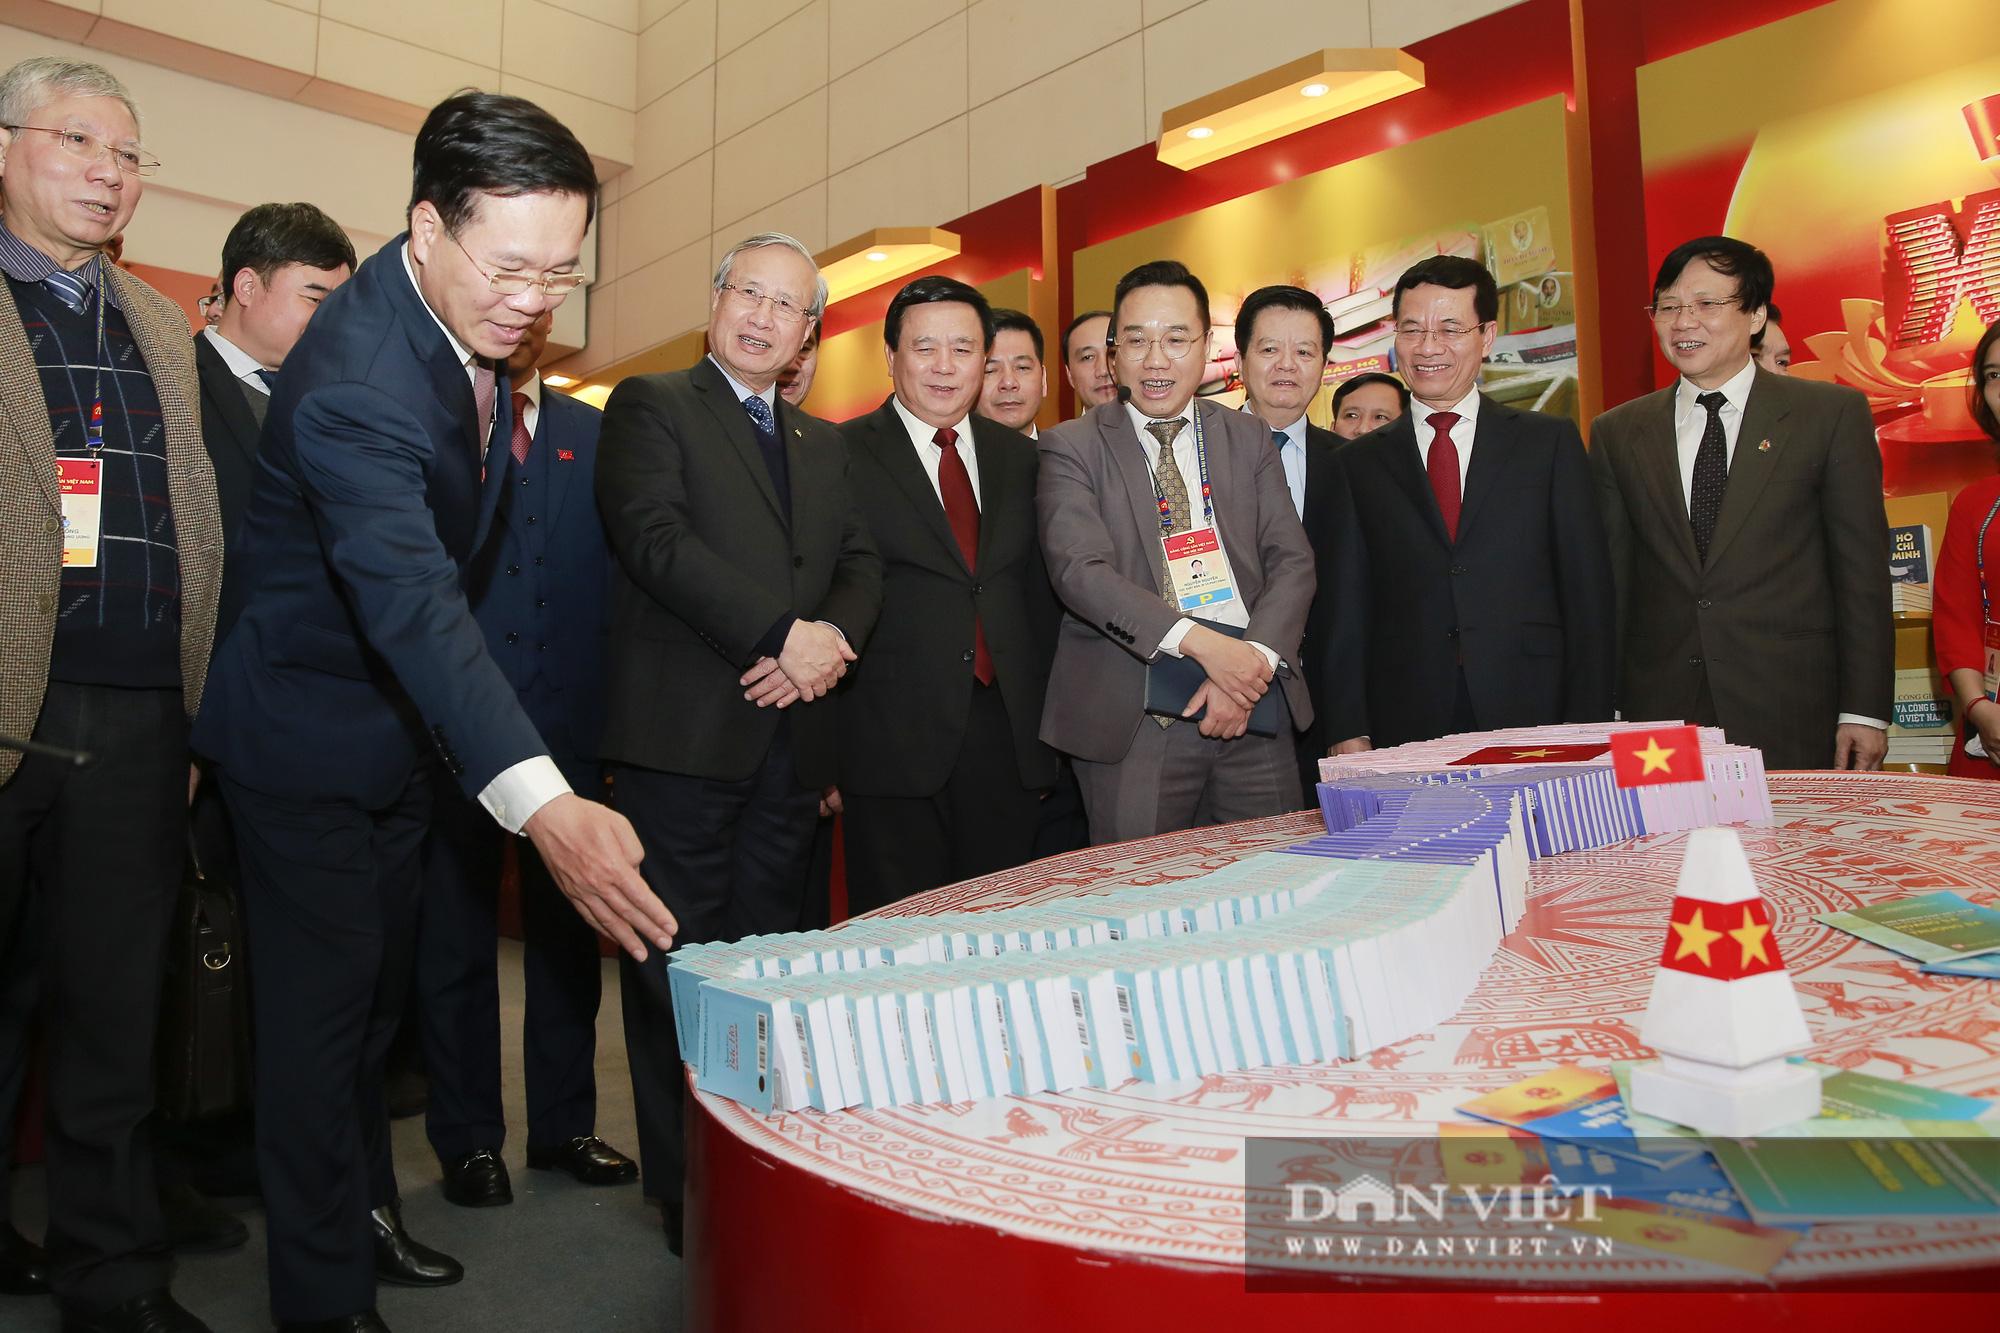 Khai trương trung tâm báo chí phục vụ Đại hội XIII của Đảng - Ảnh 4.